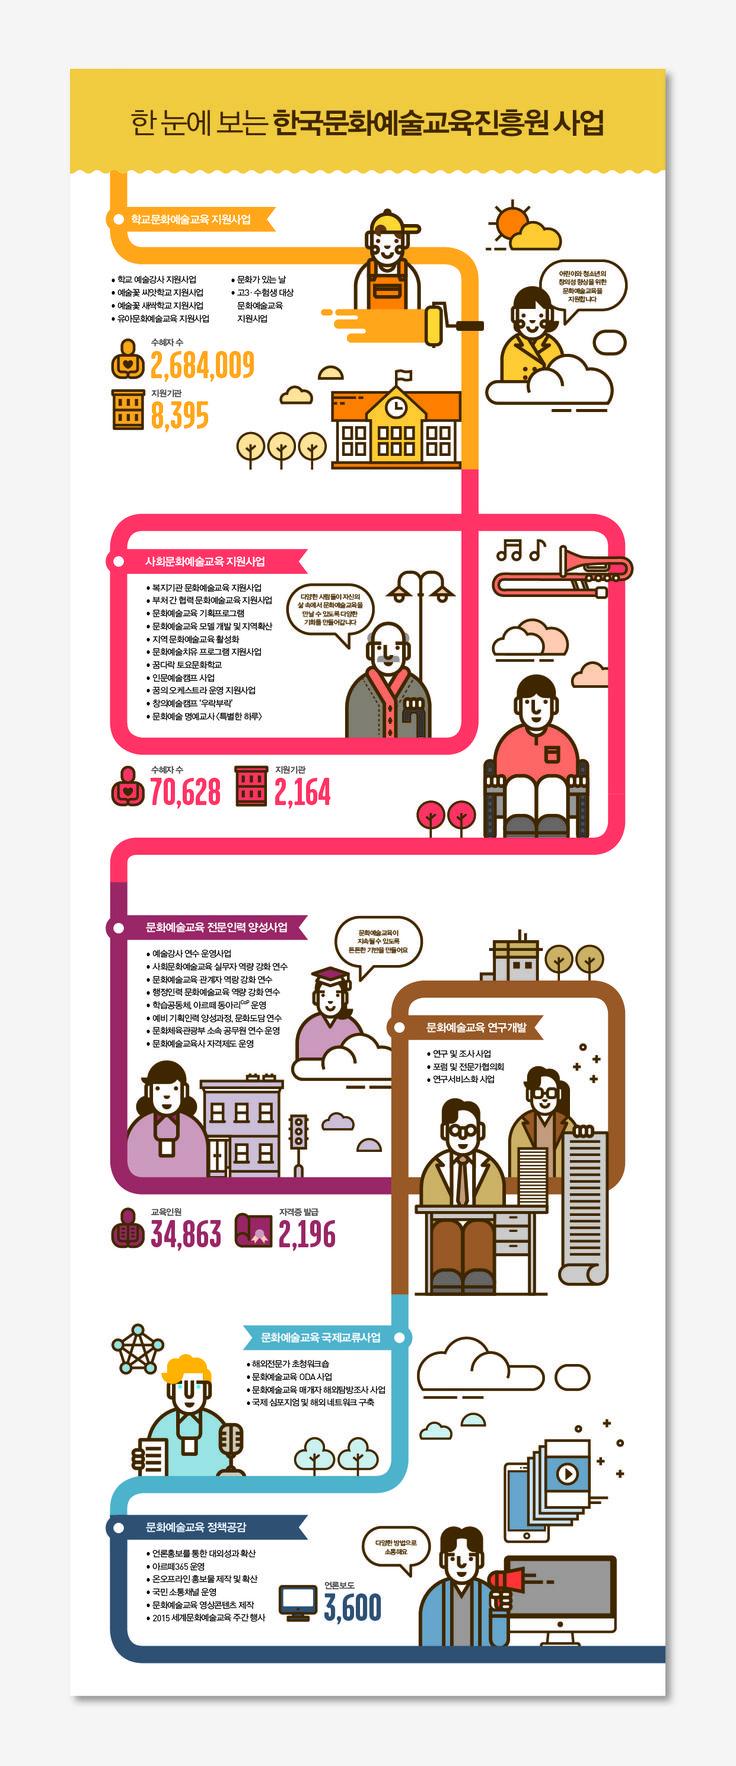 '한국문화예술교육진흥원 사업'에 관한 인포그래픽